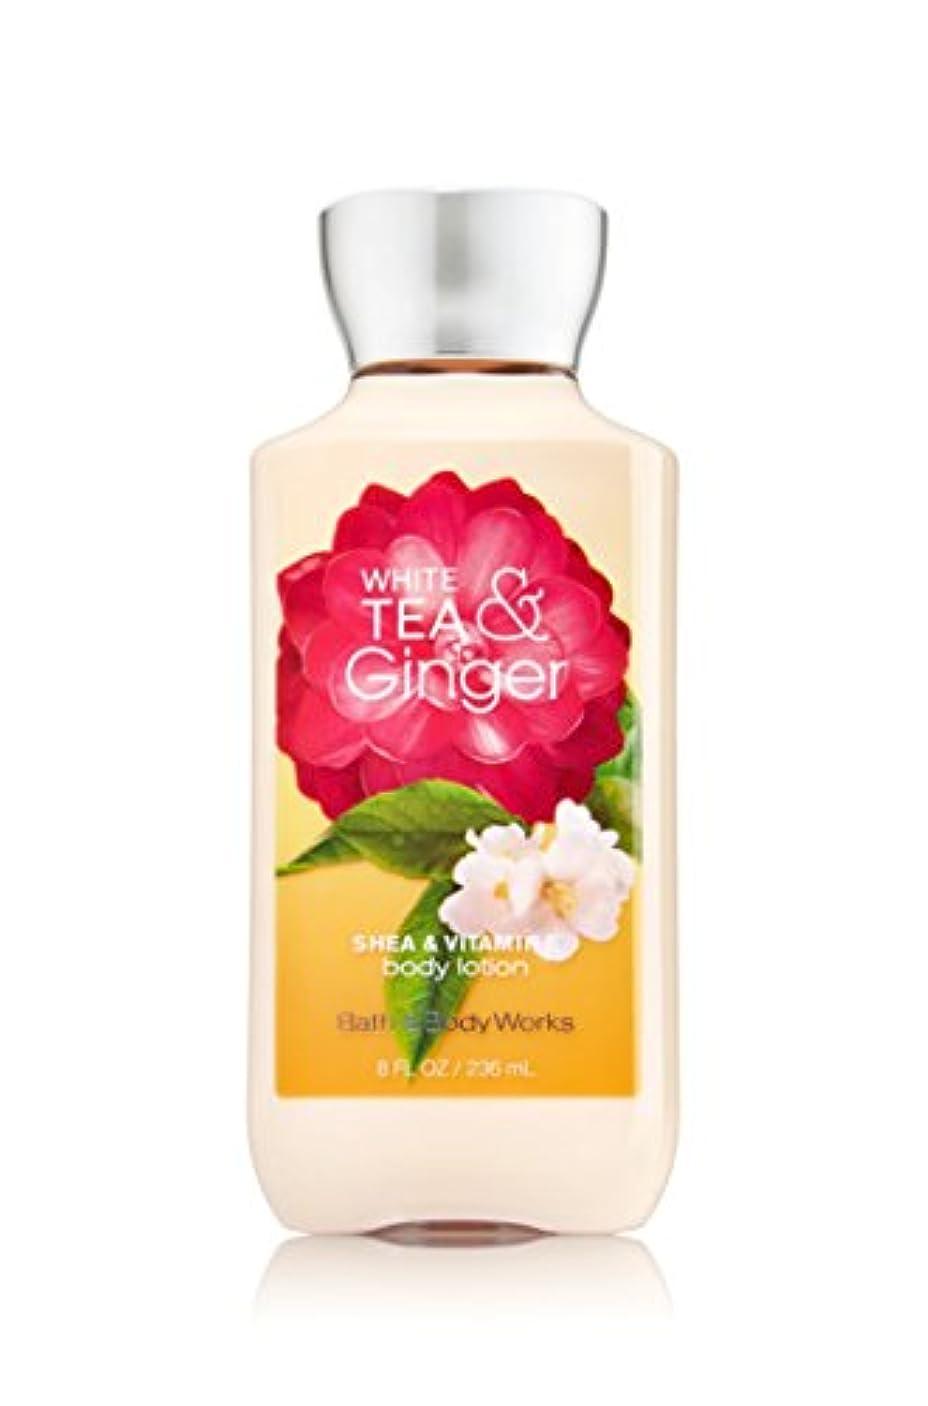 ティームメドレーメイエラバス&ボディワークス ホワイトティ&ジンジャー ボディローション white tea& ginger body lotion [並行輸入品]